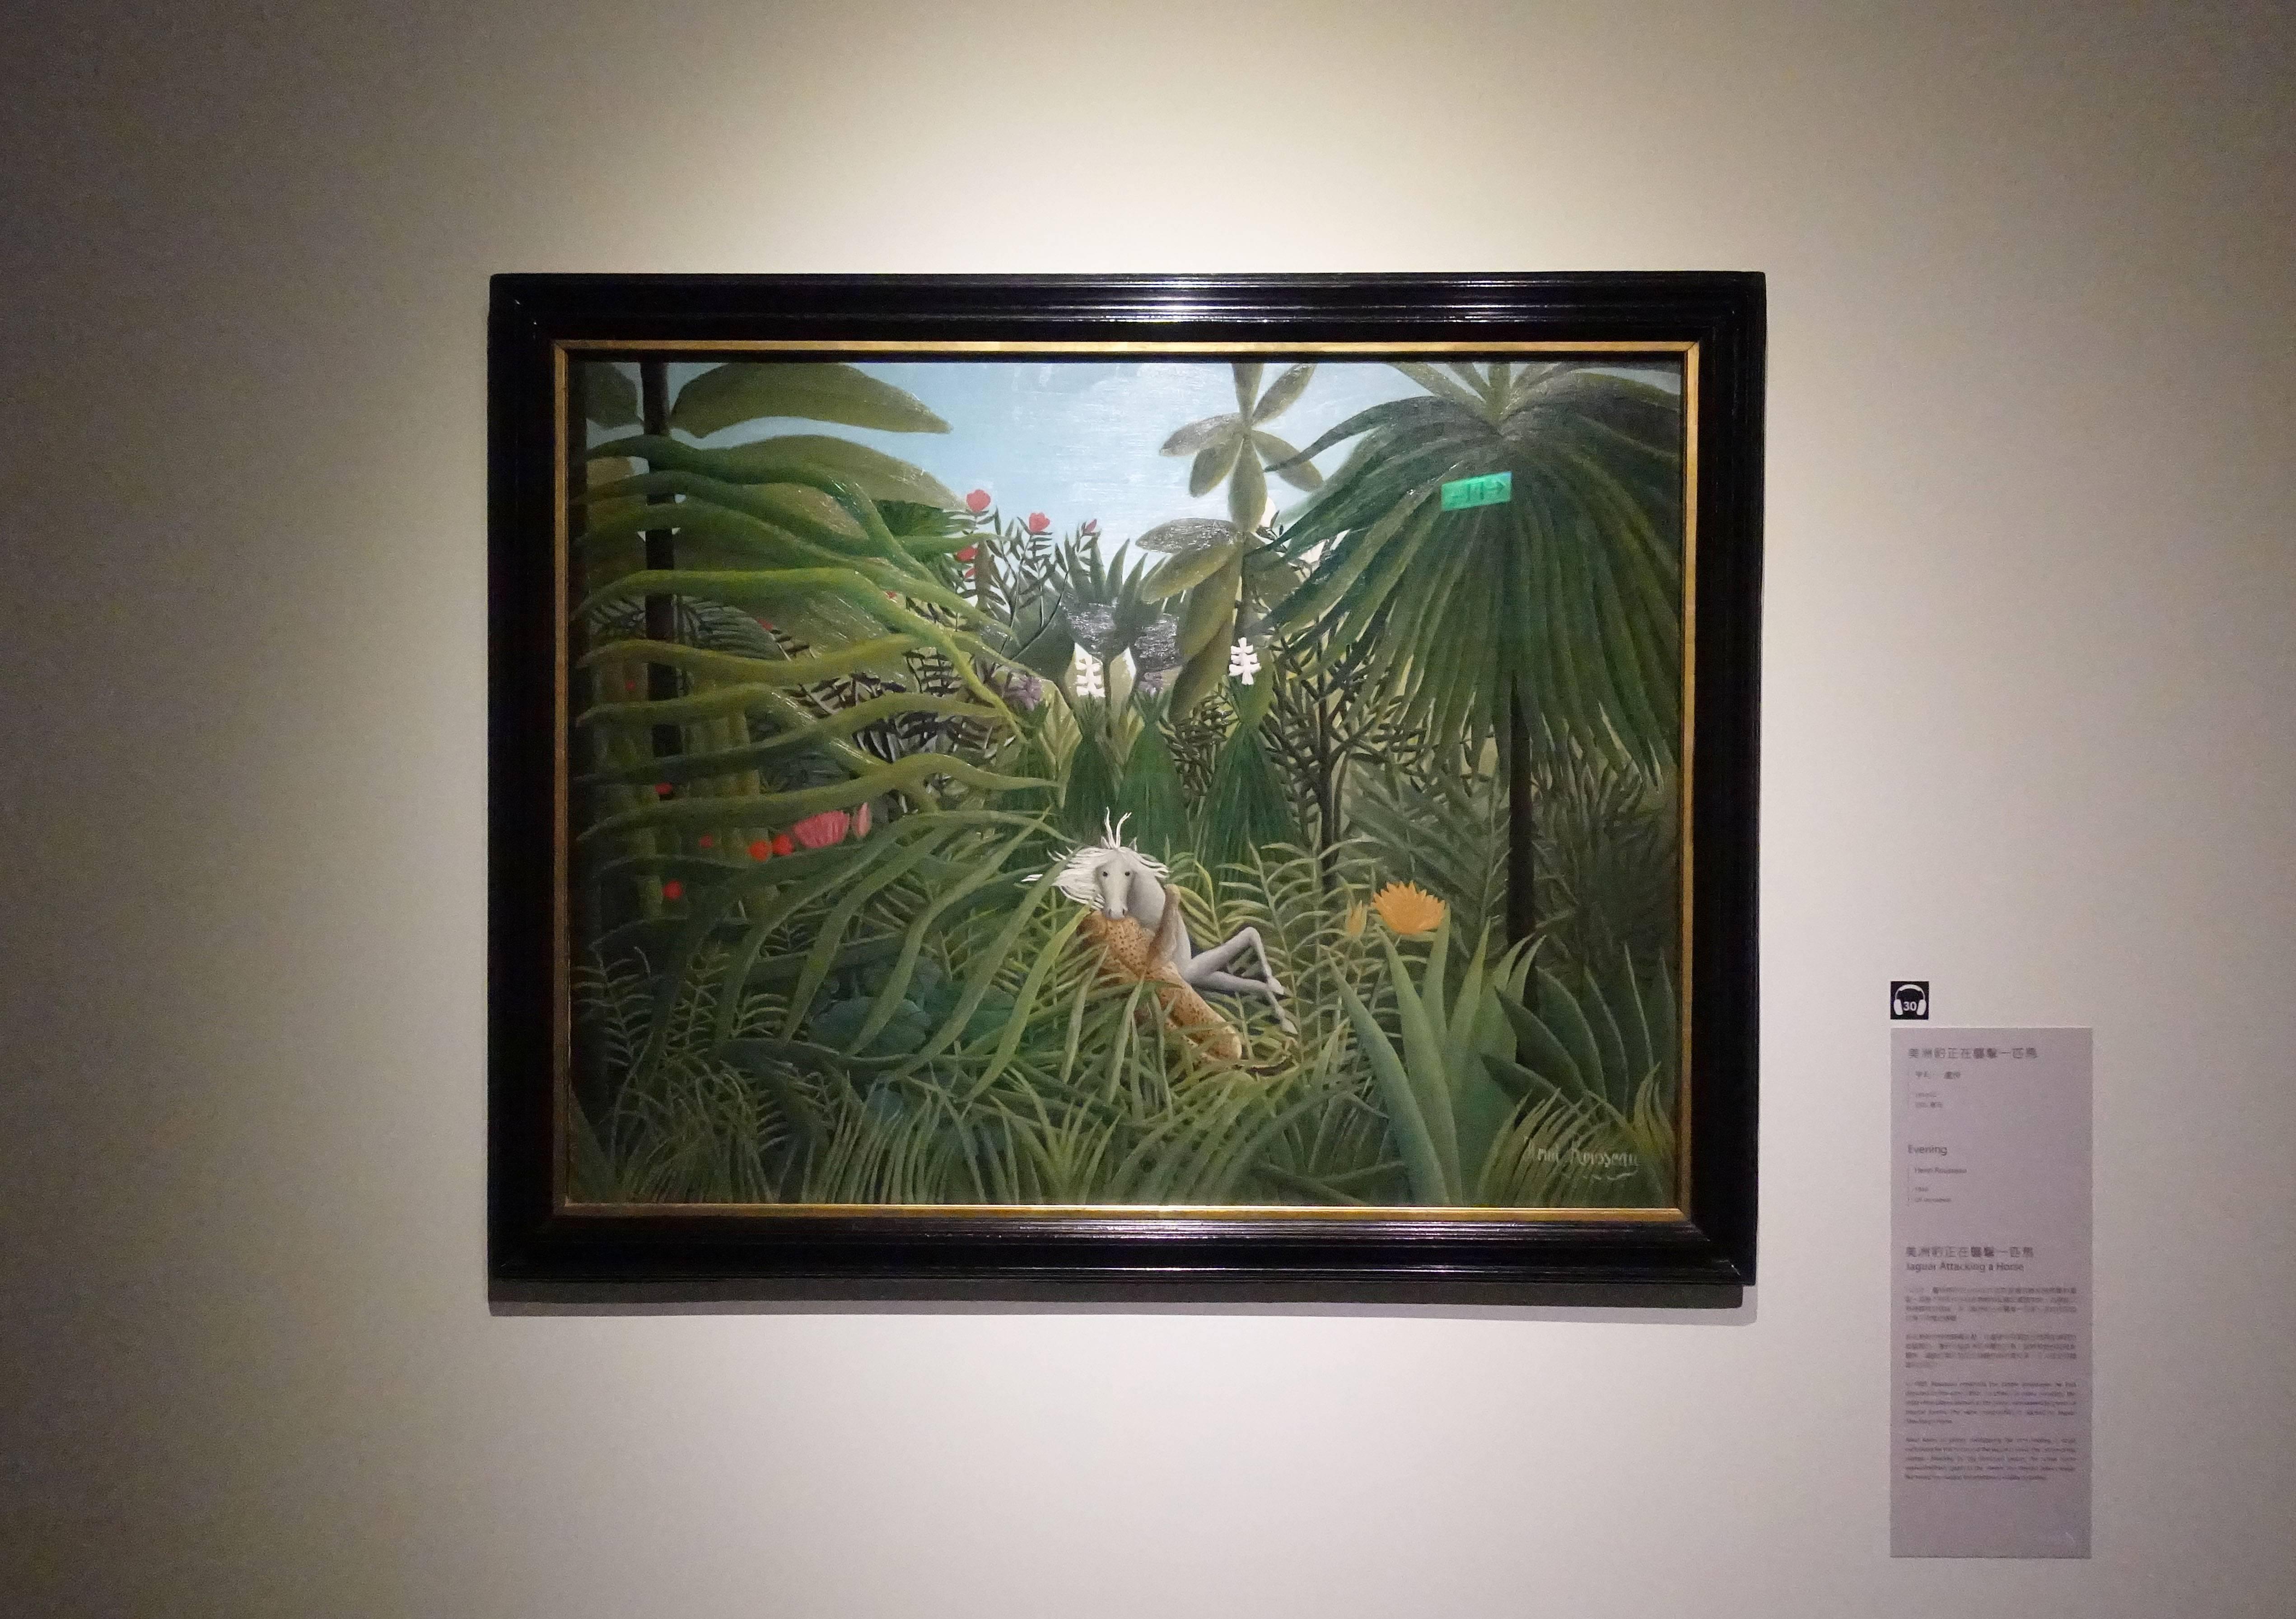 亨利.盧梭 Henri Rousseau ,《美洲豹正在襲擊一匹馬 Jaguar Attacking a Horse》,油彩、畫布 Oil on canvas。